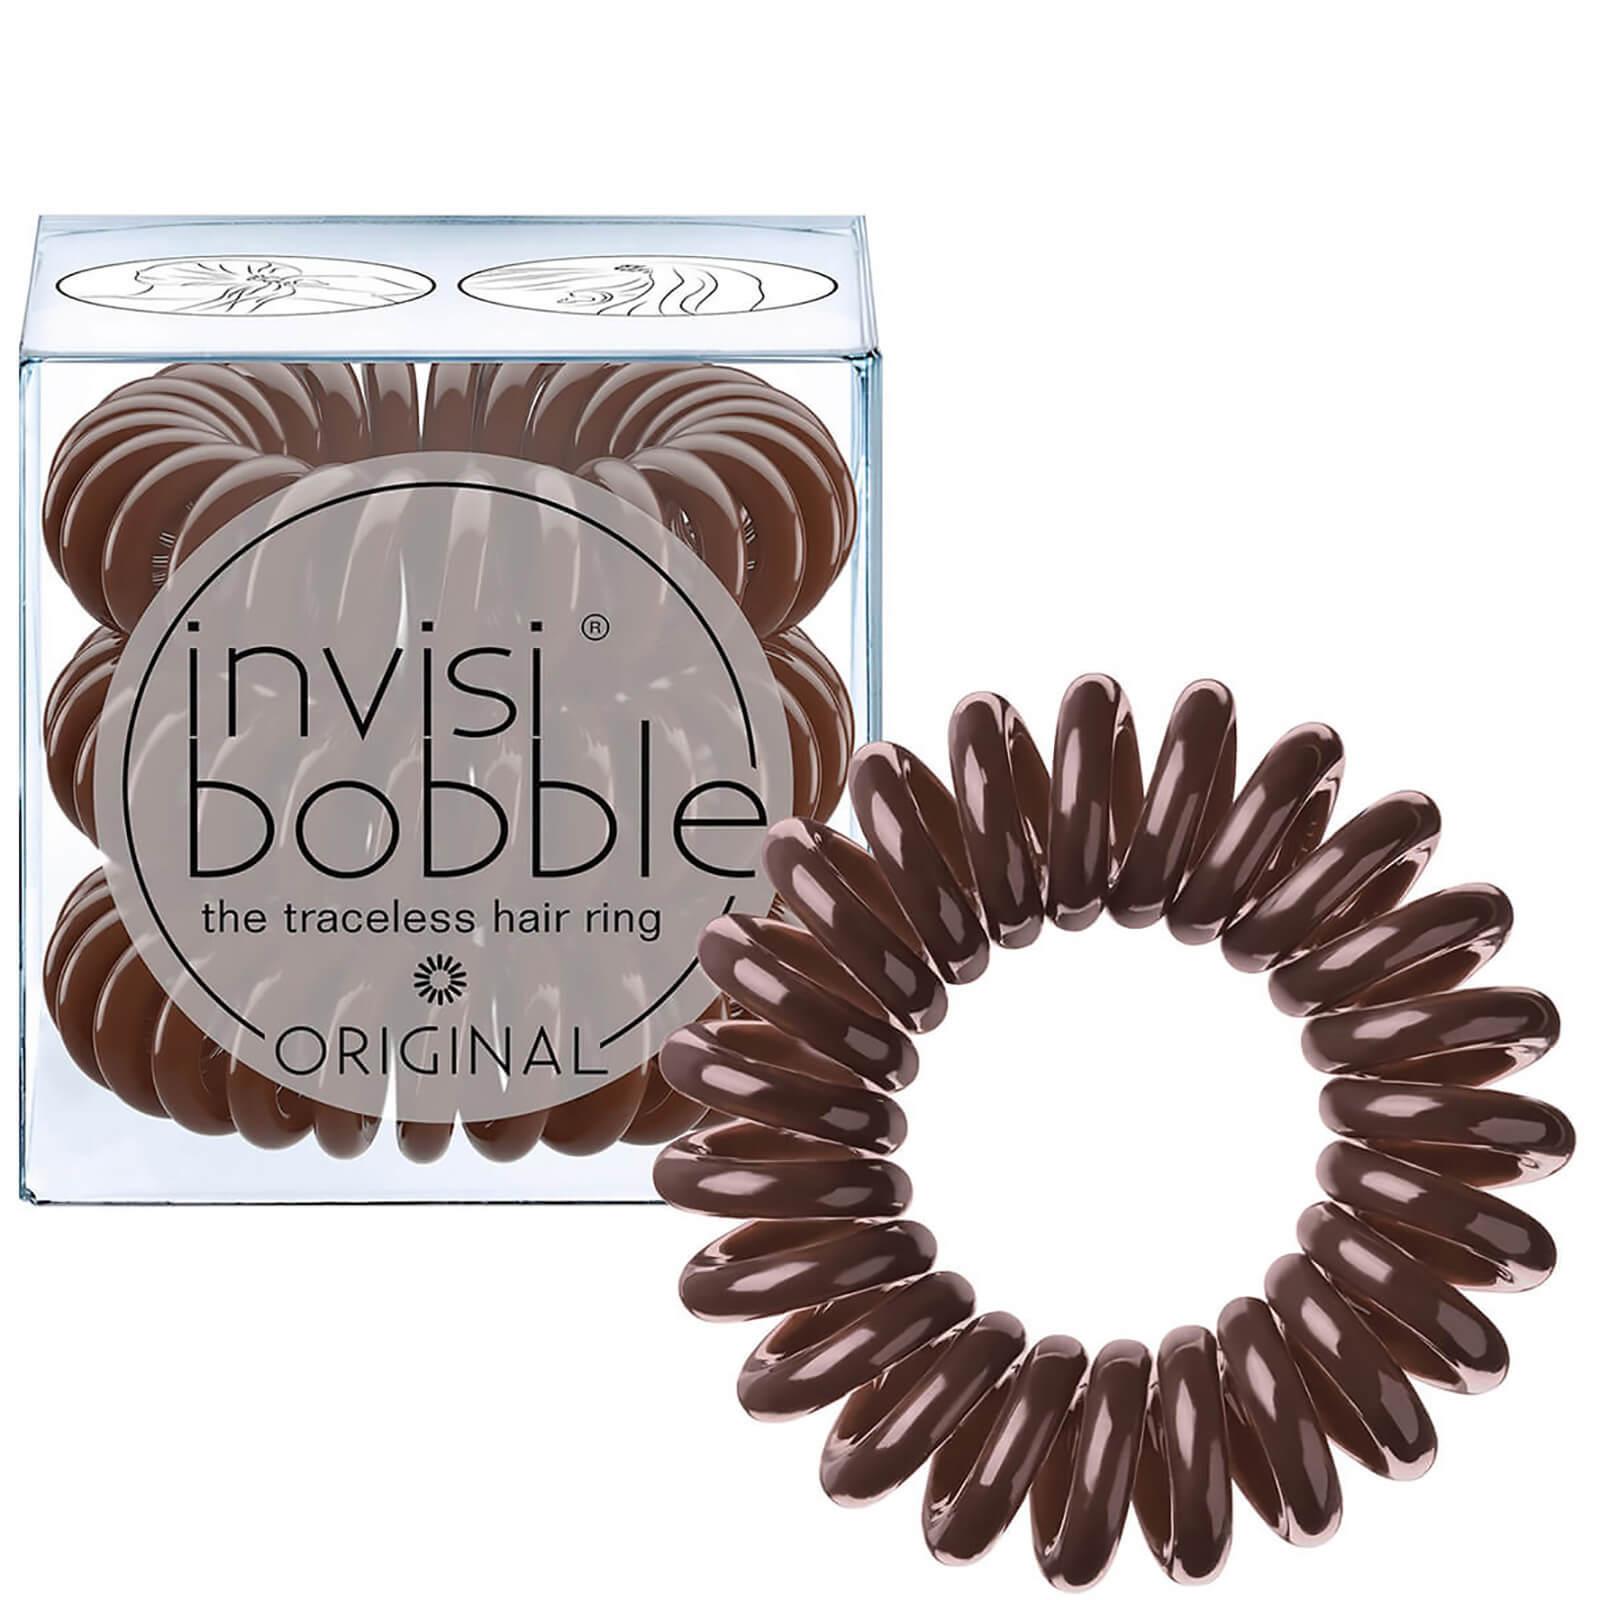 Купить Резинка для волос invisibobble Original (3 шт. в упаковке) – Pretzel Brown